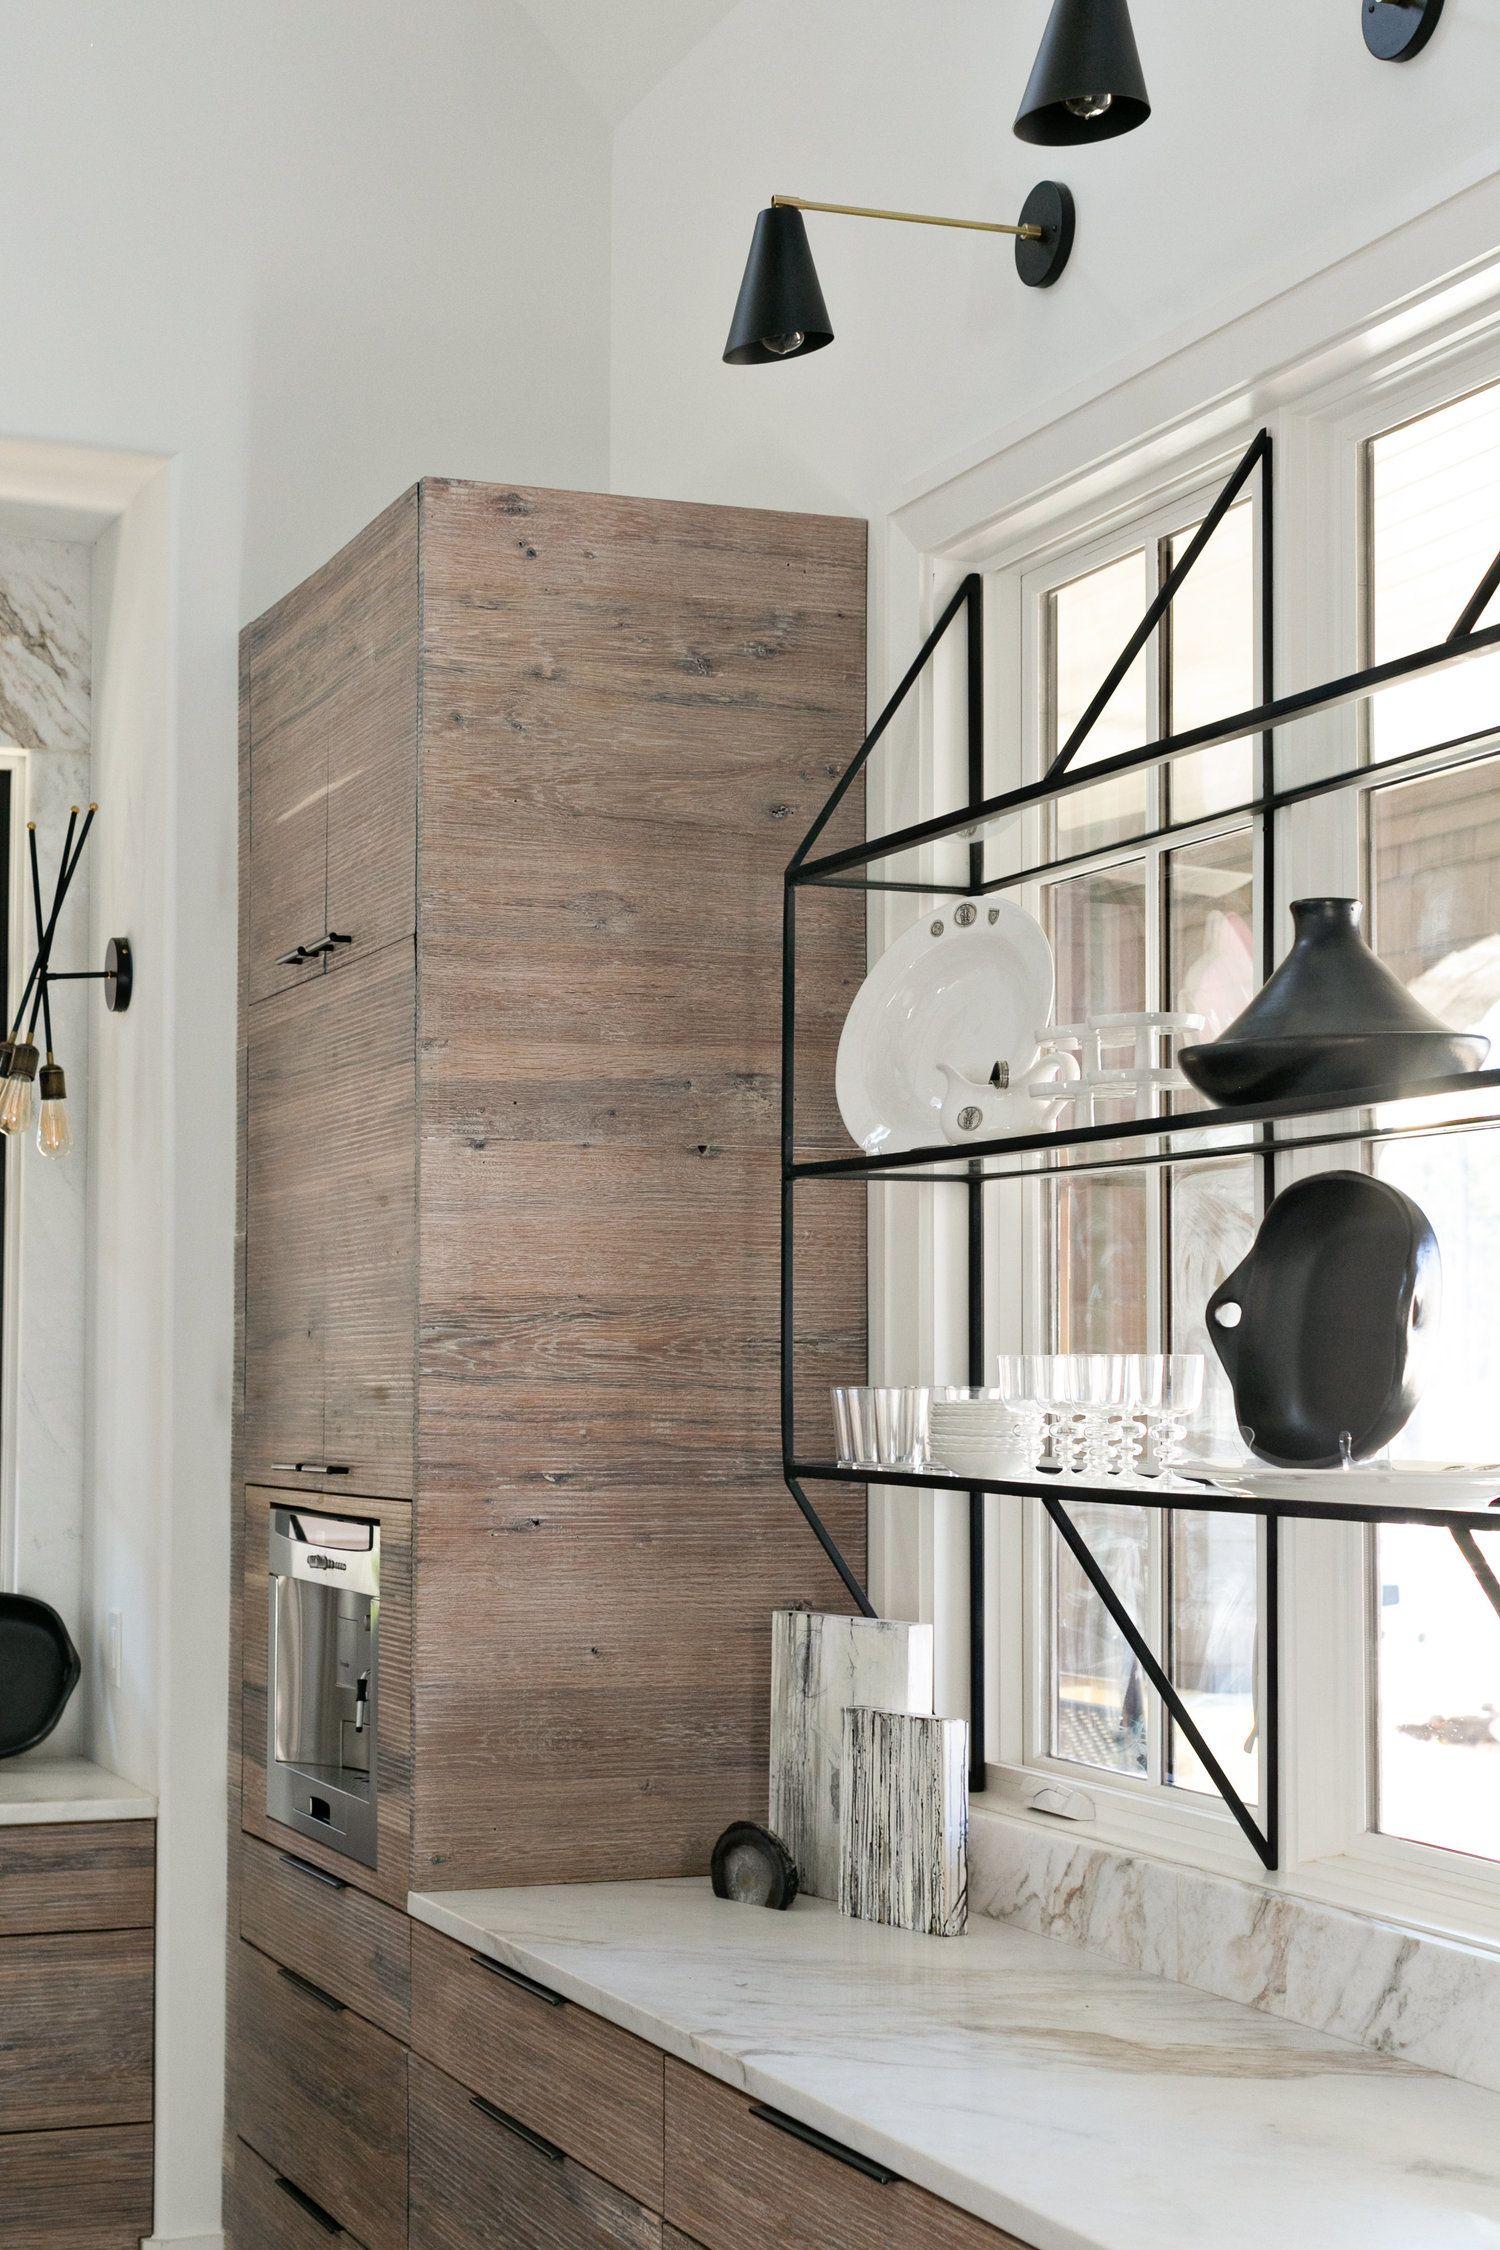 Pin By Mariel Metzenthin On Kitchen Glass Shelves Kitchen Metal Kitchen Cabinets Modern Kitchen